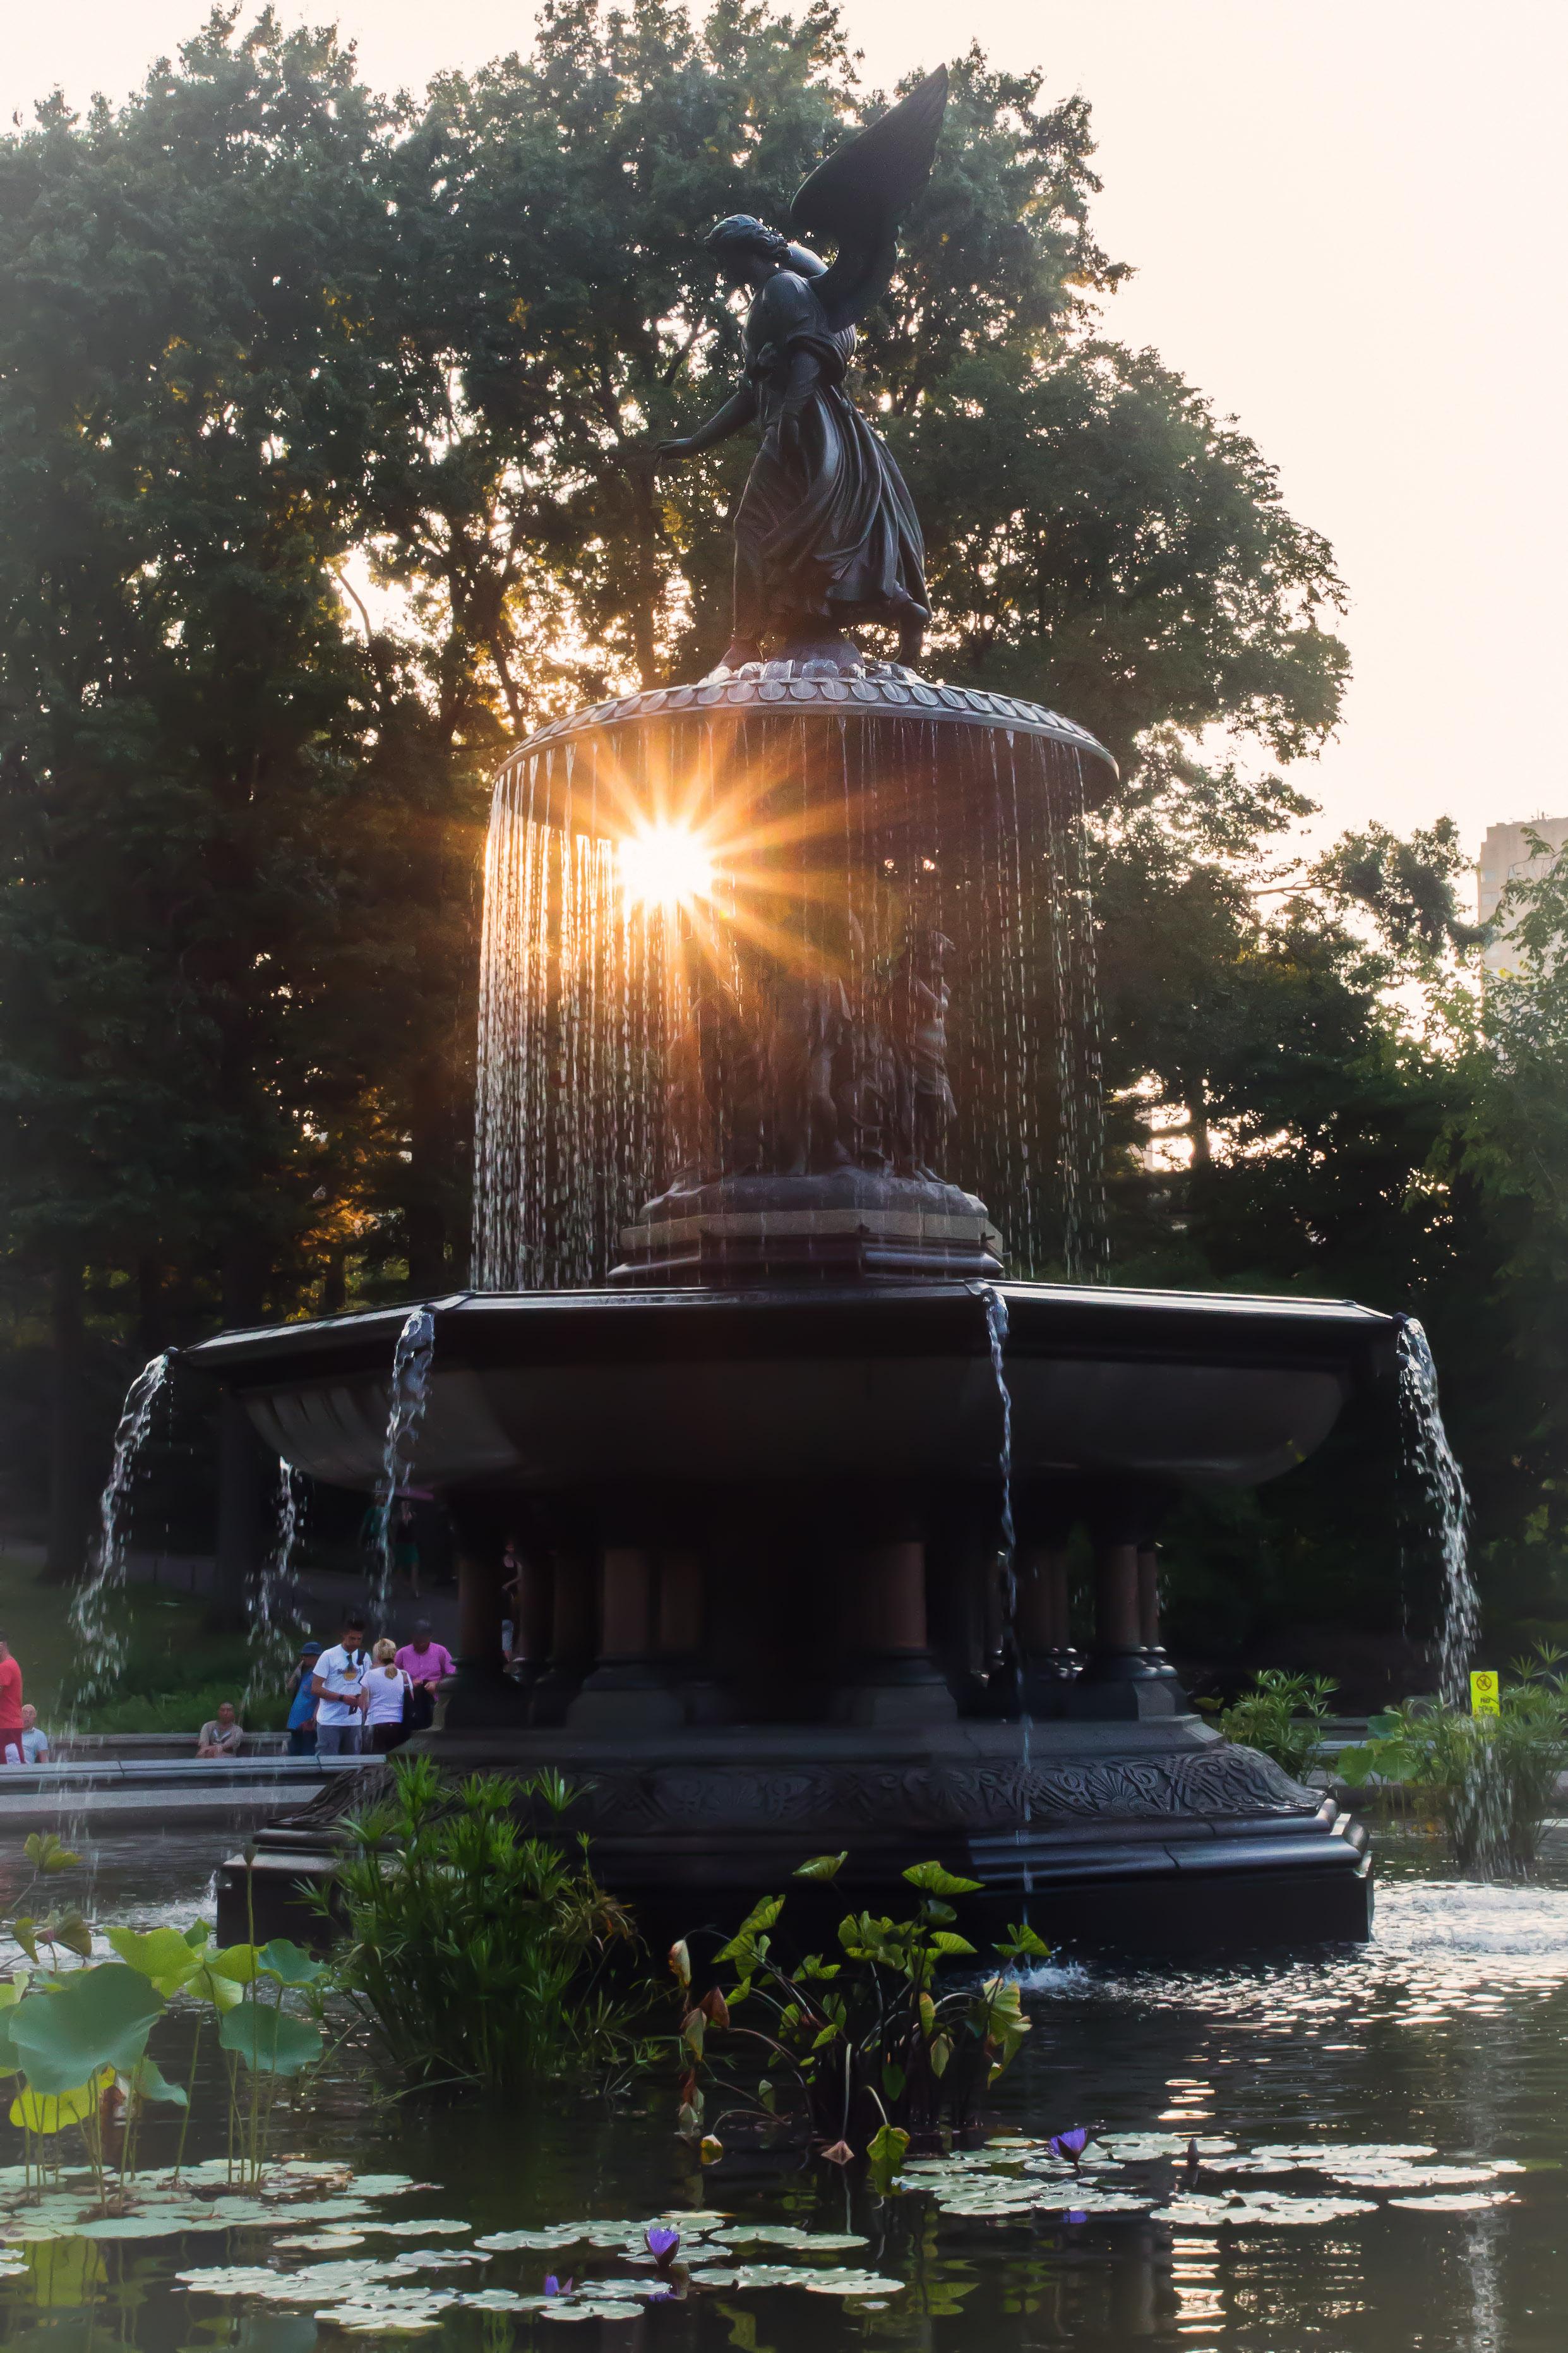 Bethesda_Fountain_Central_Park.jpg